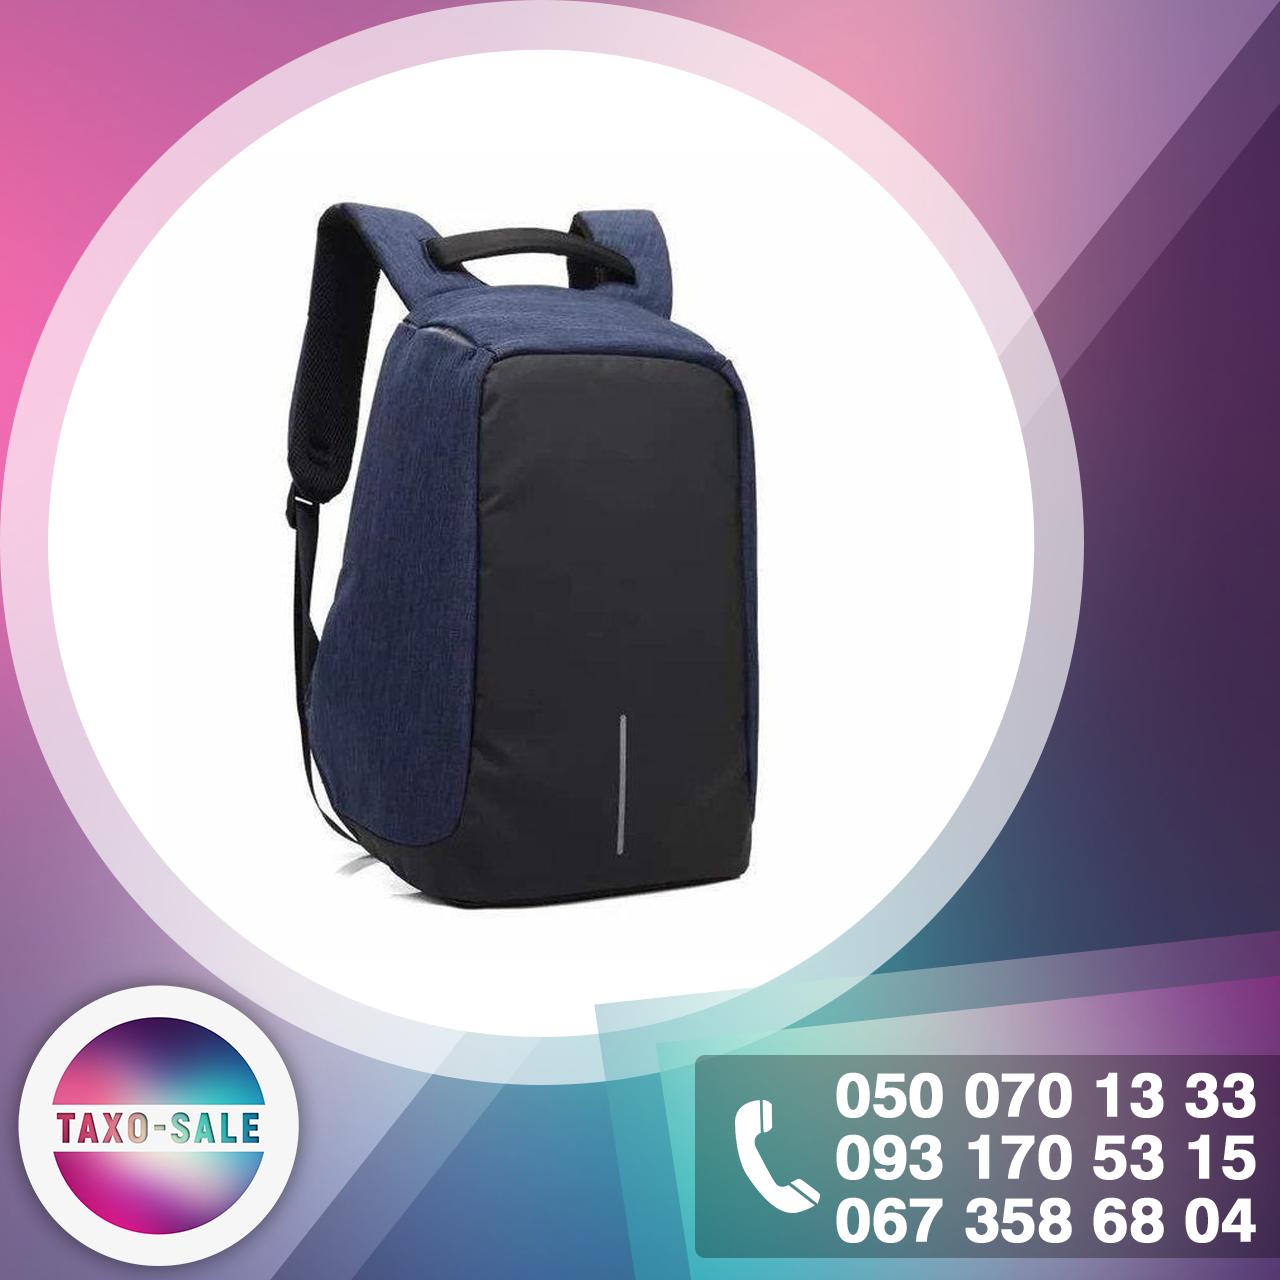 cd62b6336fe1 Городской рюкзак-антивор Bobby - надежная защита от карманников с USB портом  Cиний - Интернет